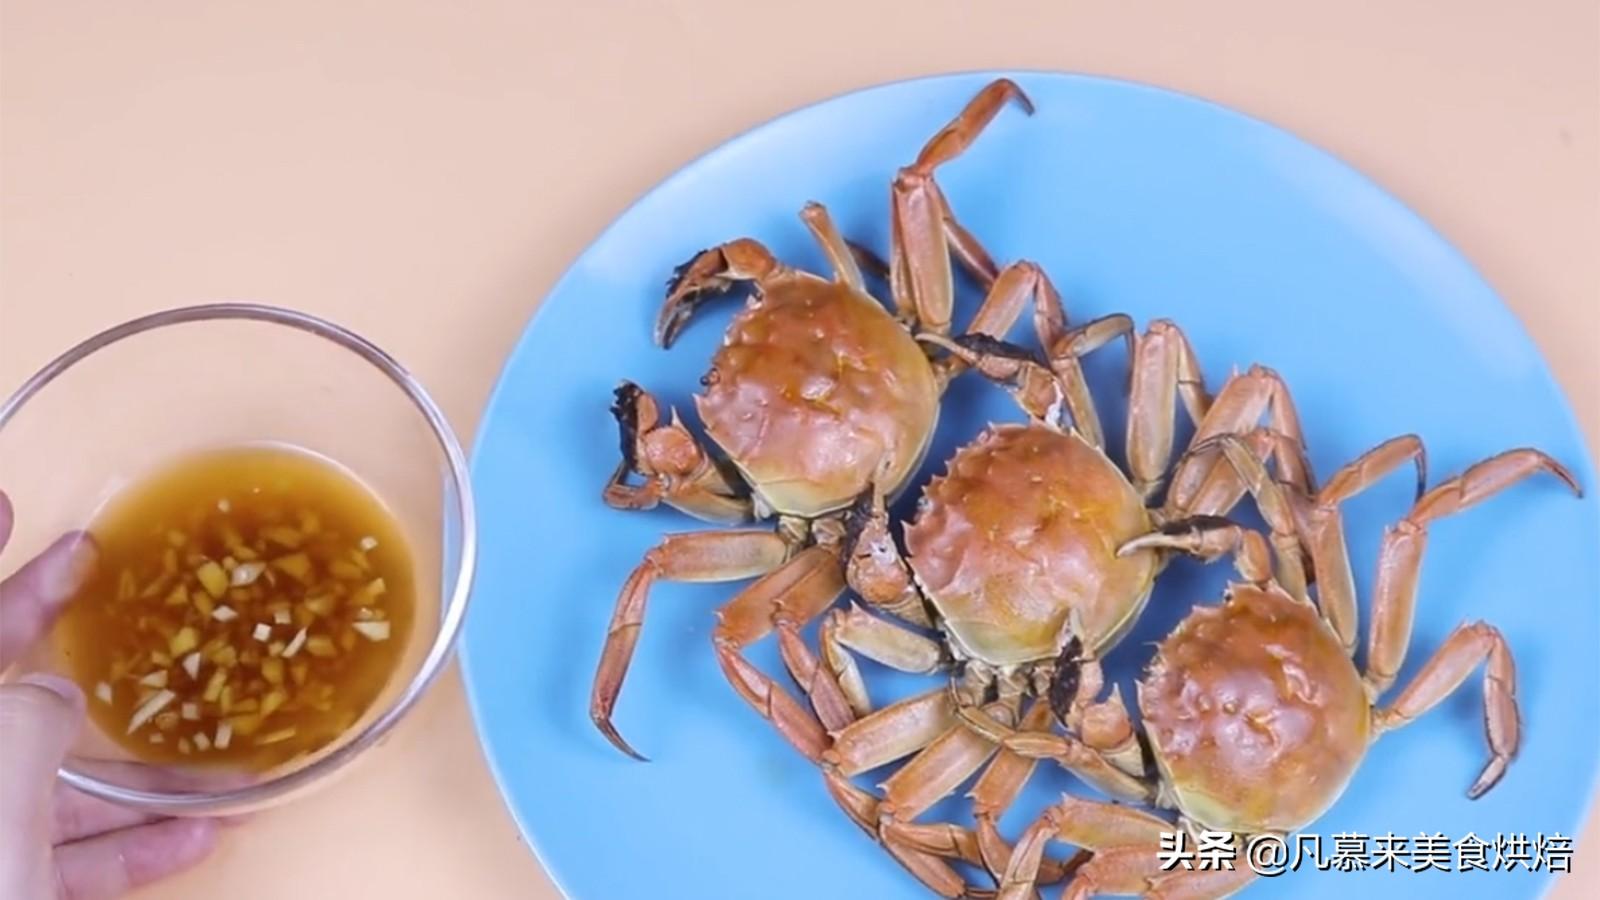 手把手教你螃蟹的正确吃法,步骤详细,好多部位以前你都吃错了